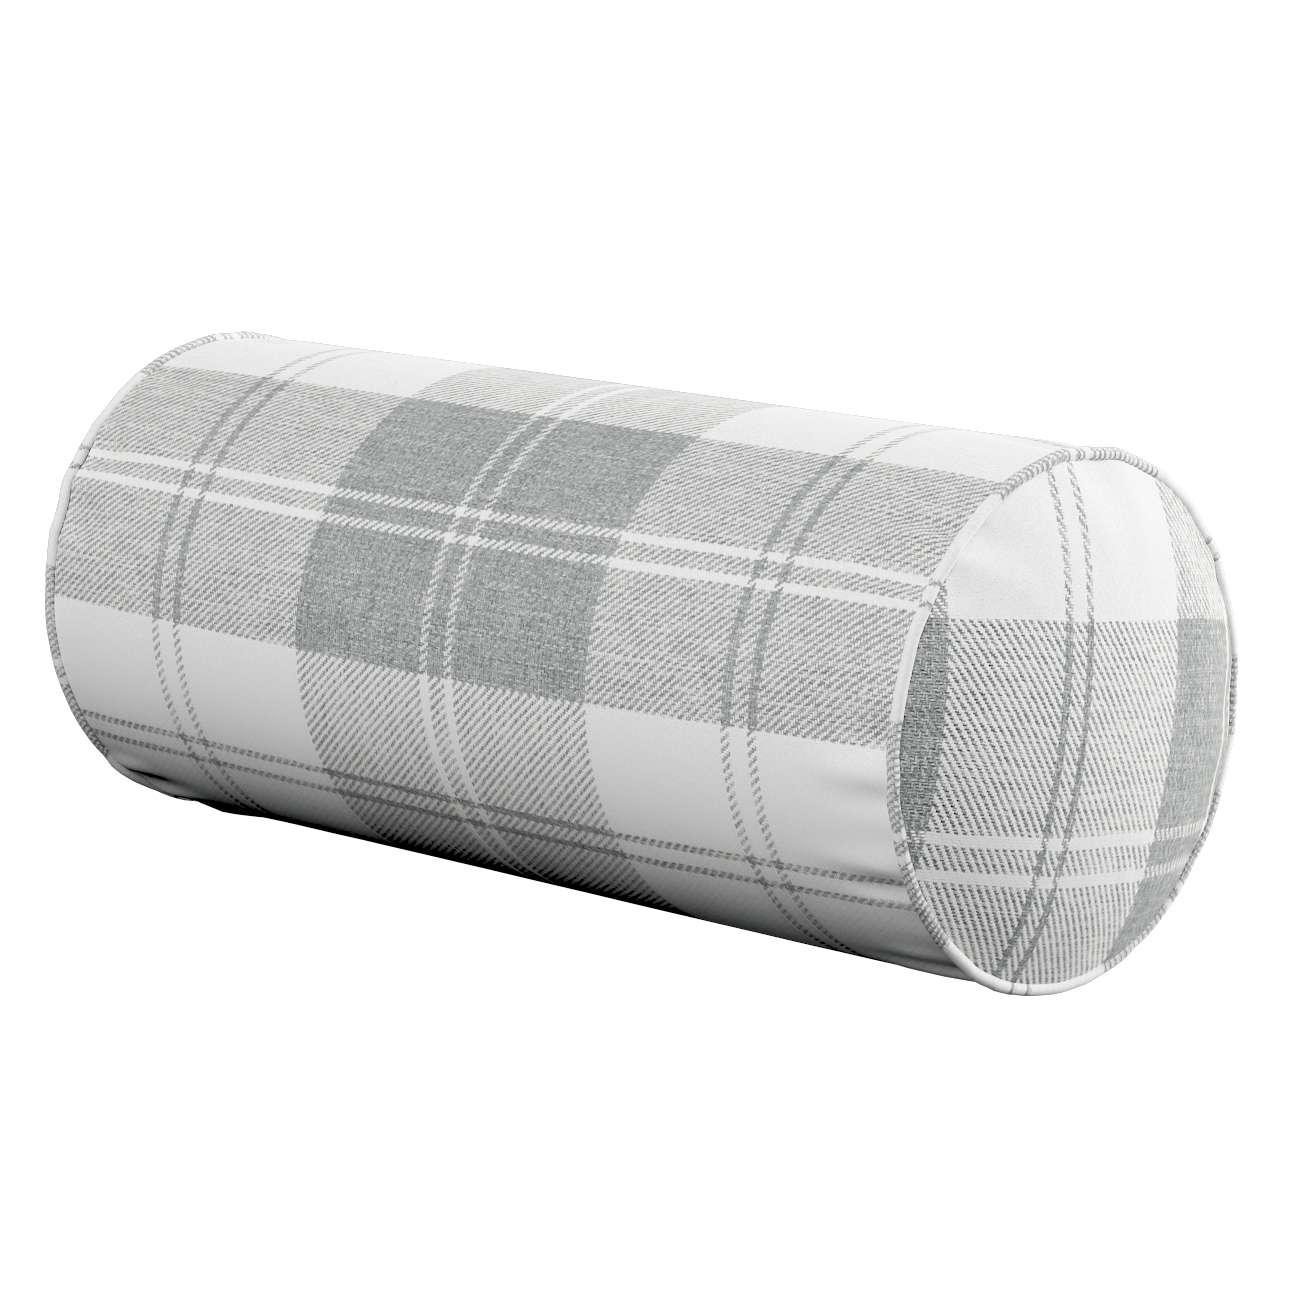 Poduszka wałek prosty Ø 16 x 40 cm w kolekcji Edinburgh, tkanina: 115-79